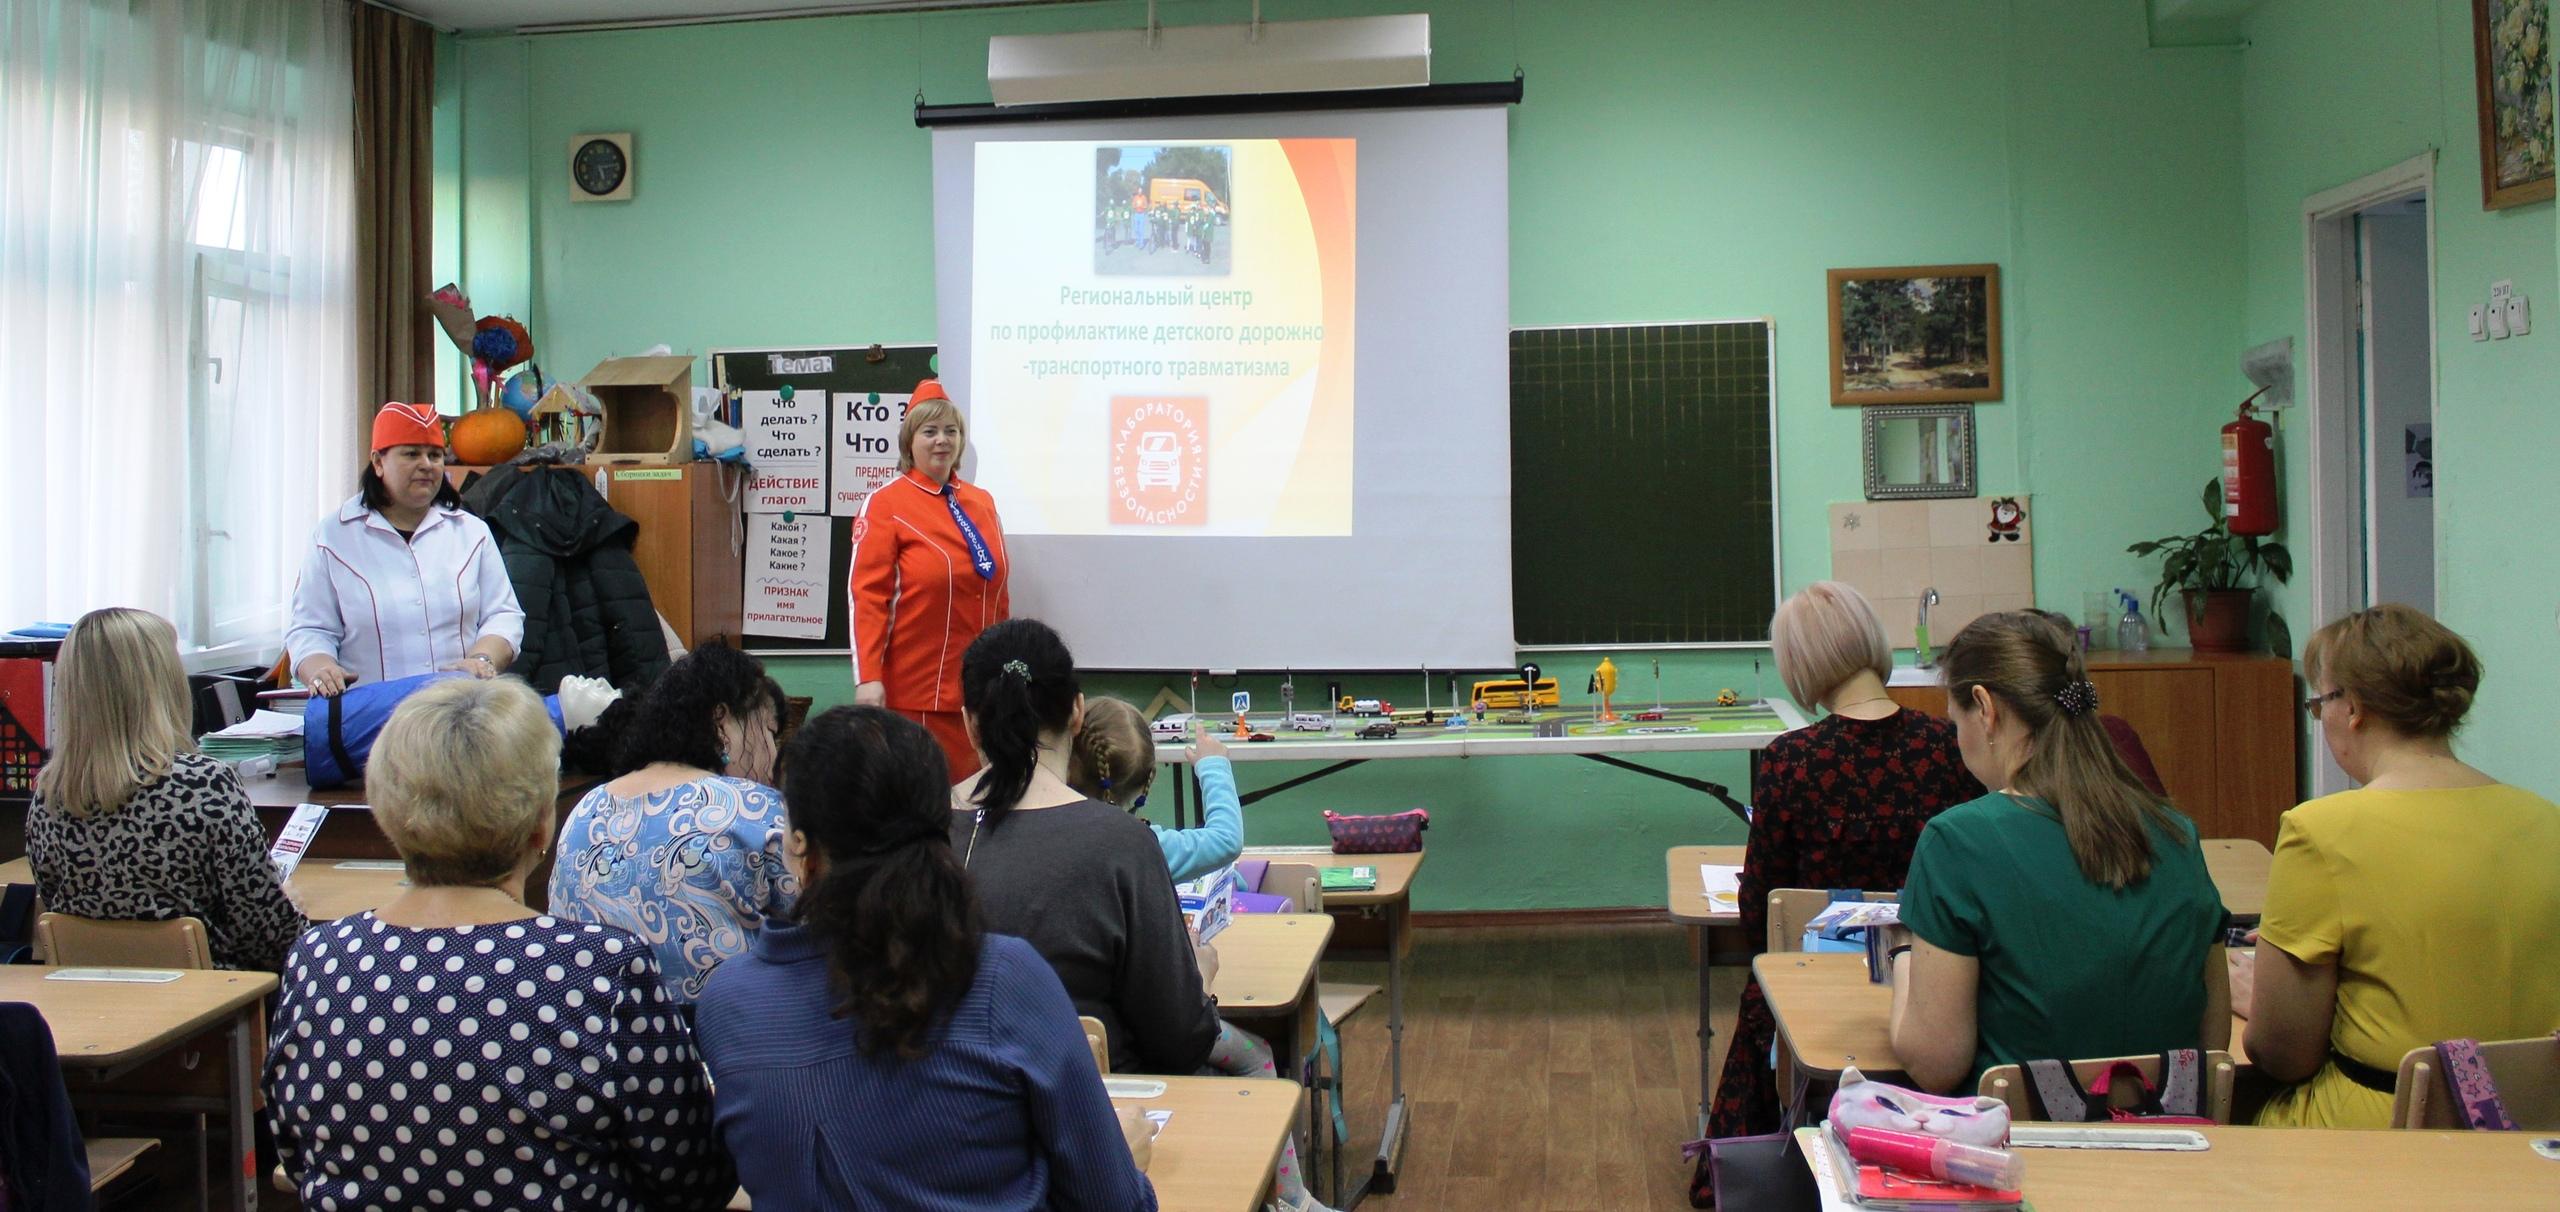 Педагоги Школы «АВТОритет» провели свое первое занятие в городе Черногорске на базе школы № 20»